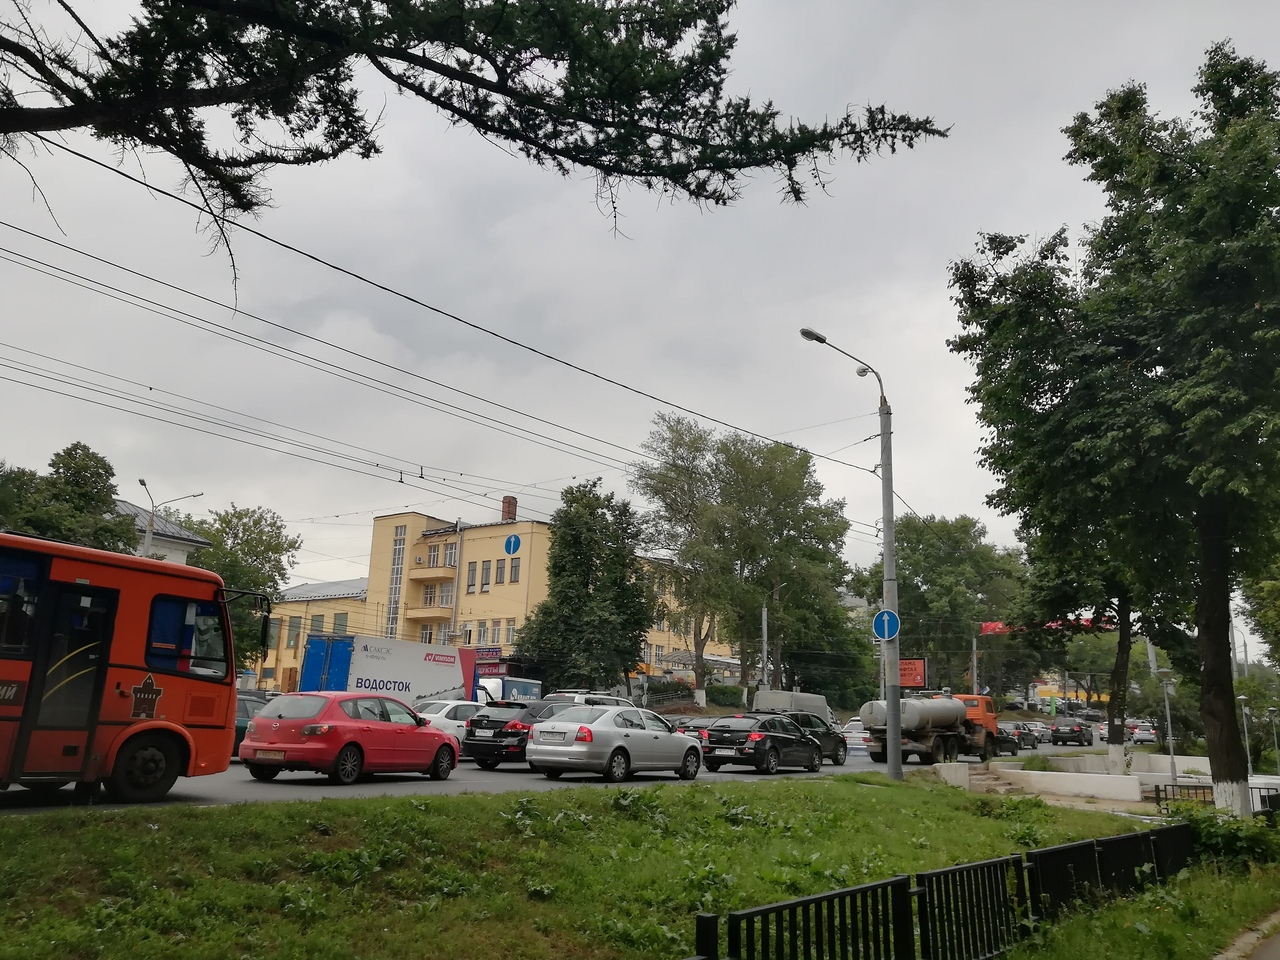 Движение транспорта поМызинскому мосту ограничено из-за ремонта